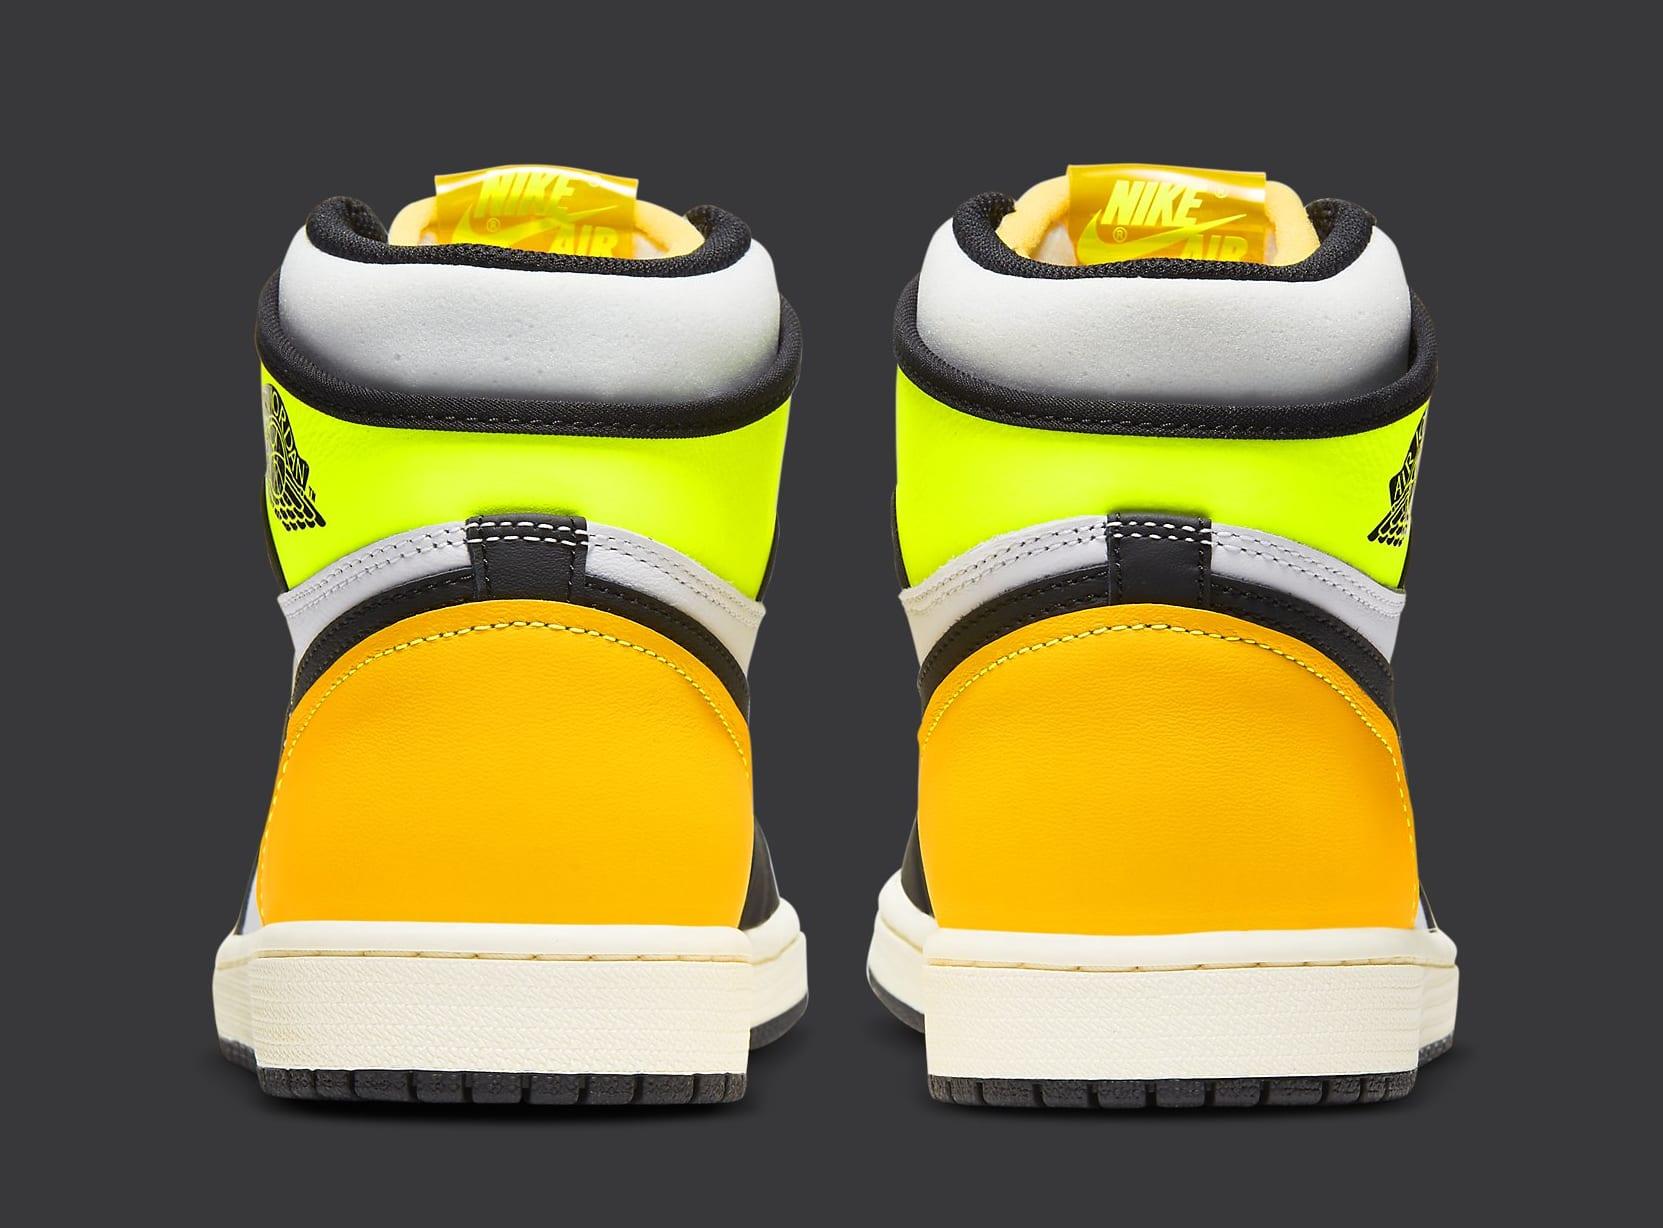 Air Jordan 1 Volt Gold Release Date 555088-118 Heel